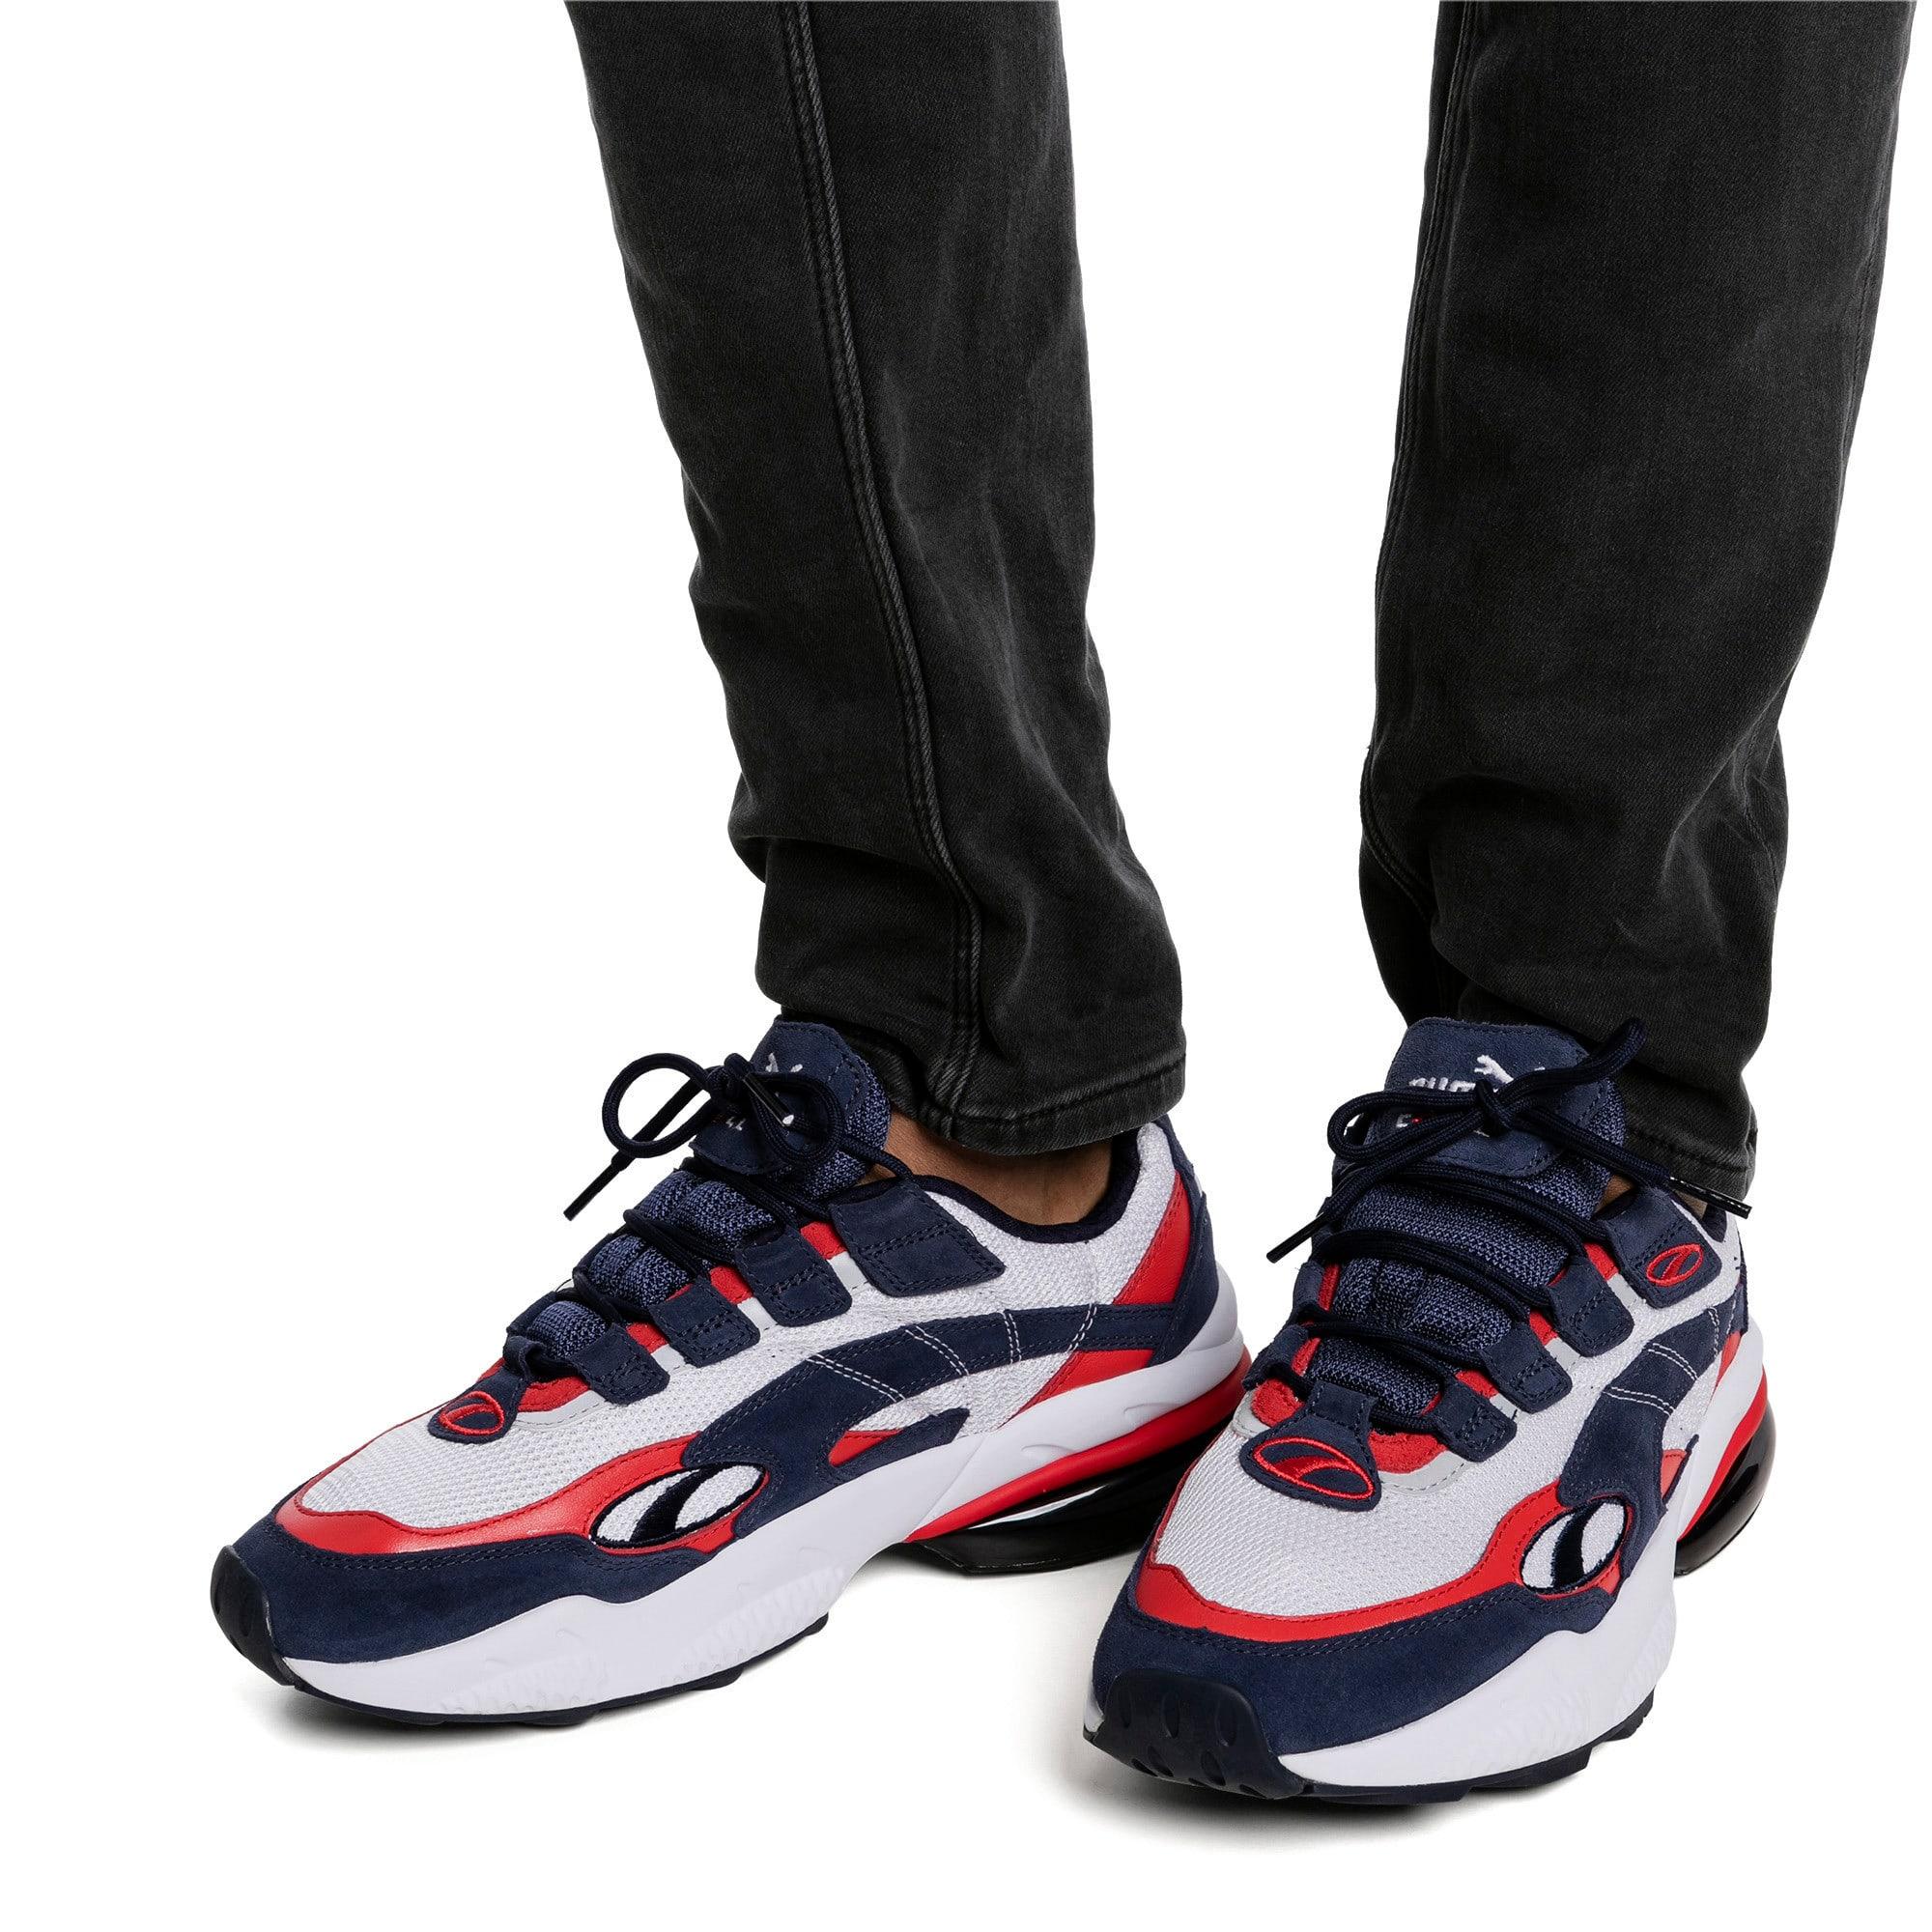 Thumbnail 2 of CELL Venom Men's Sneakers, Peacoat-High Risk Red, medium